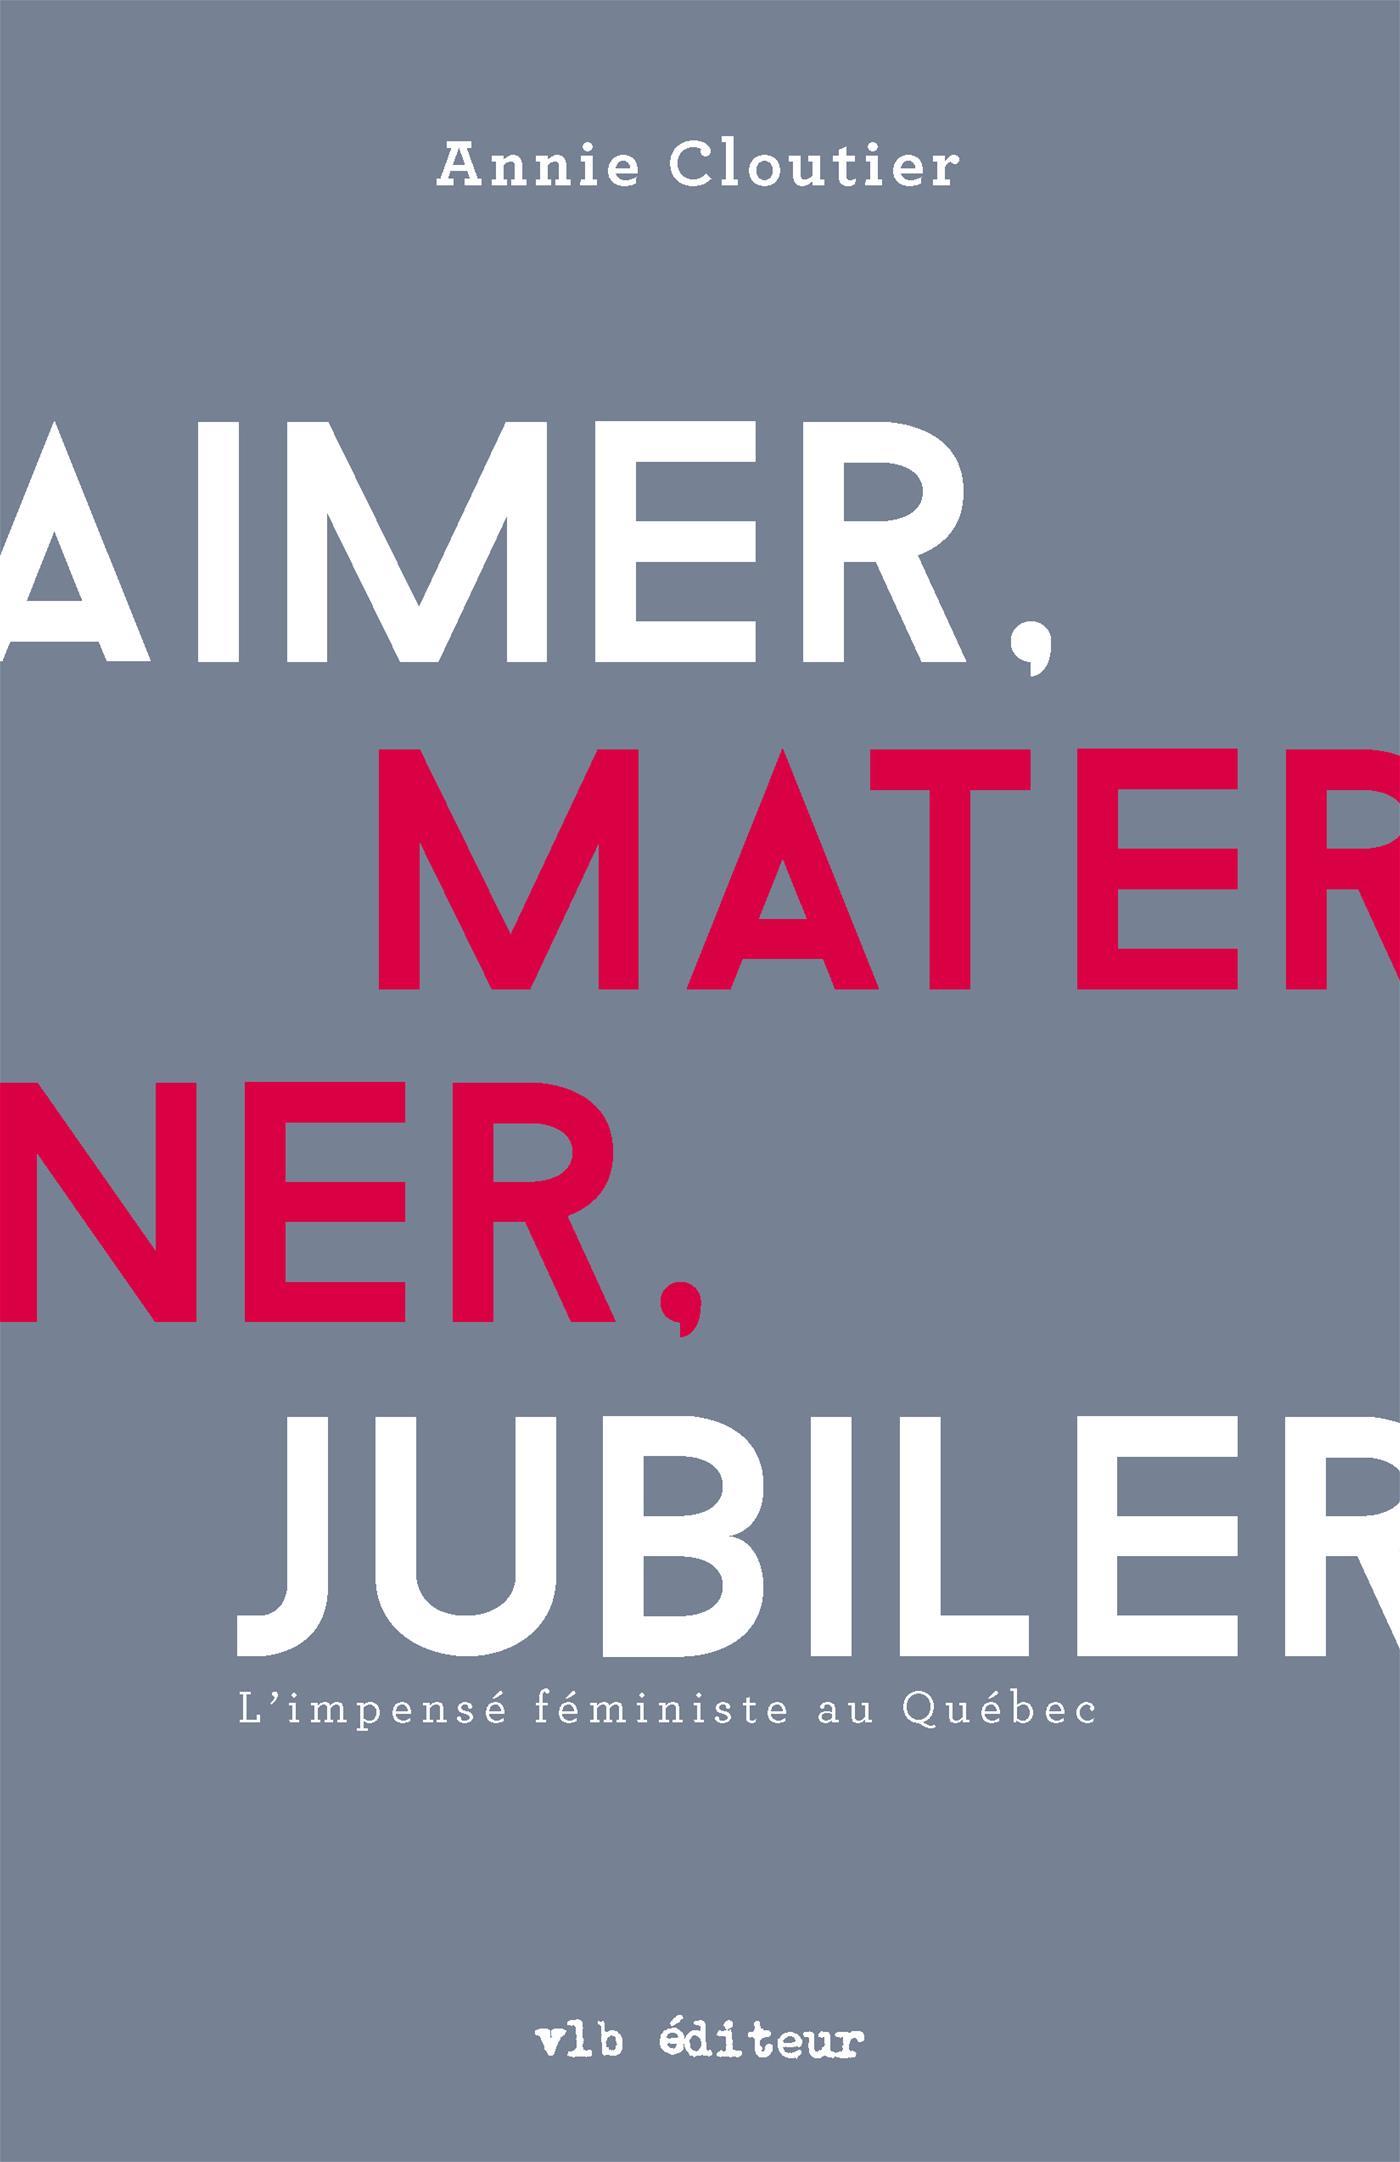 Aimer, materner, jubiler